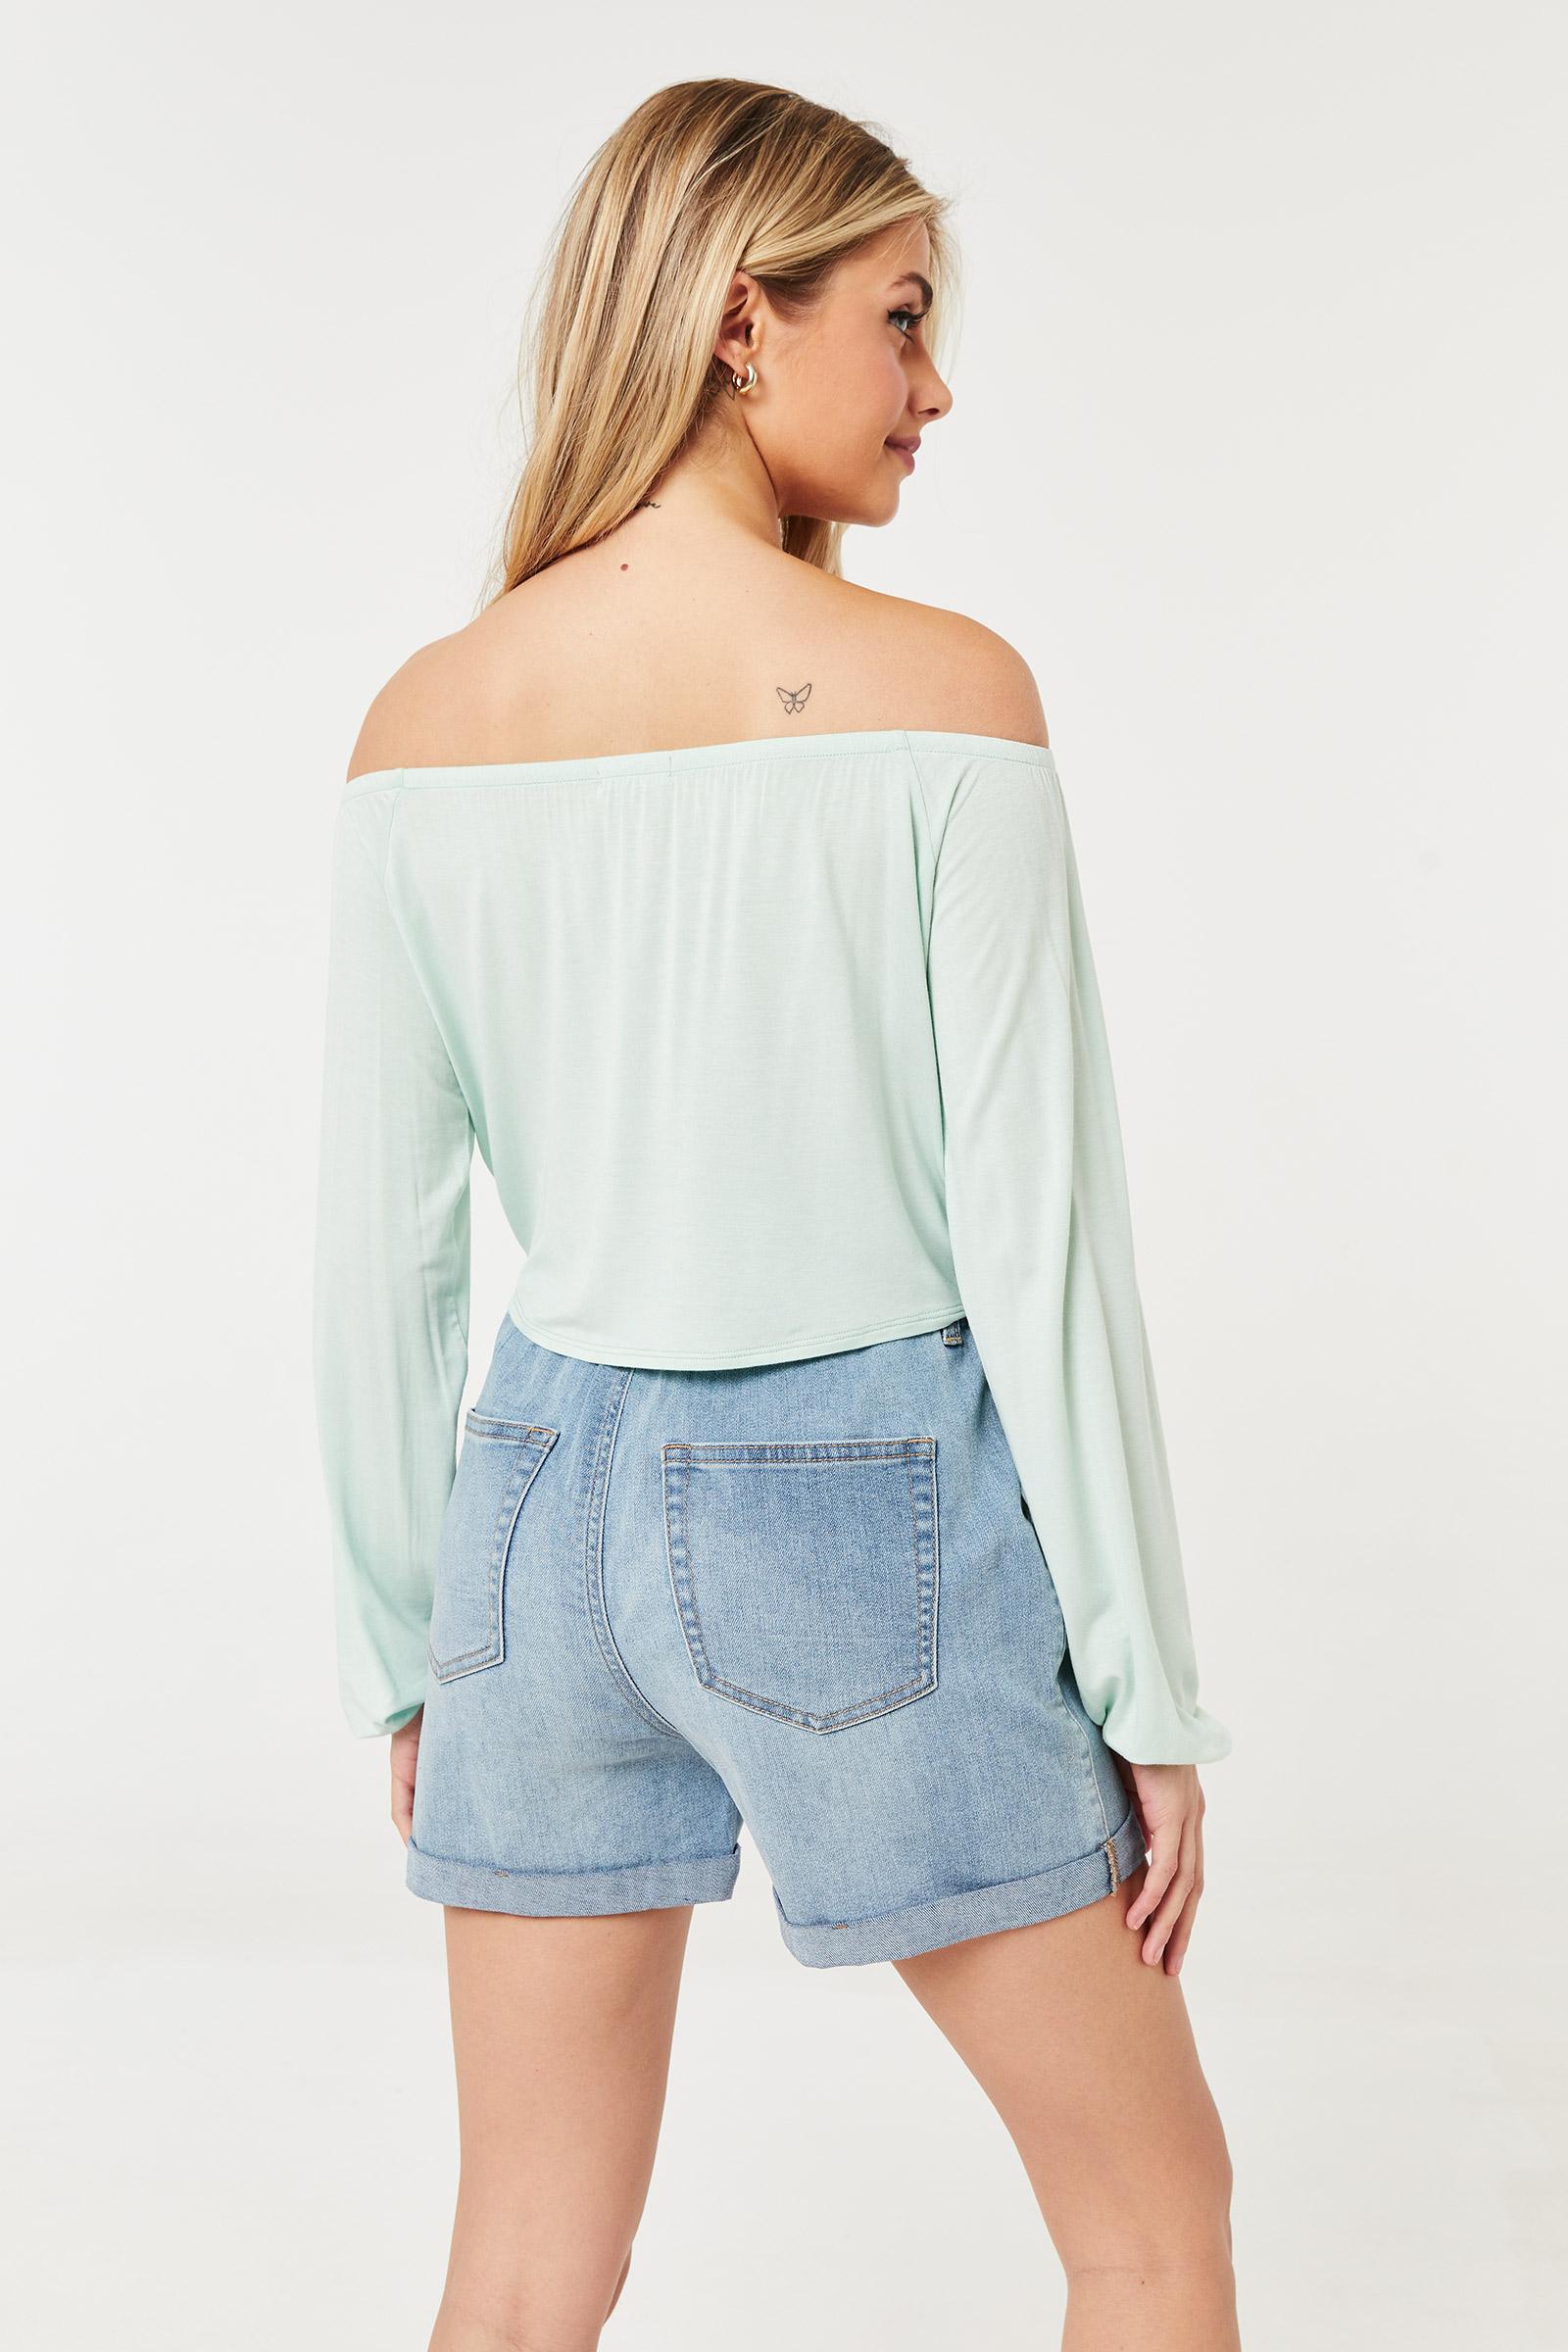 Off Shoulder Sage Long-sleeved Top